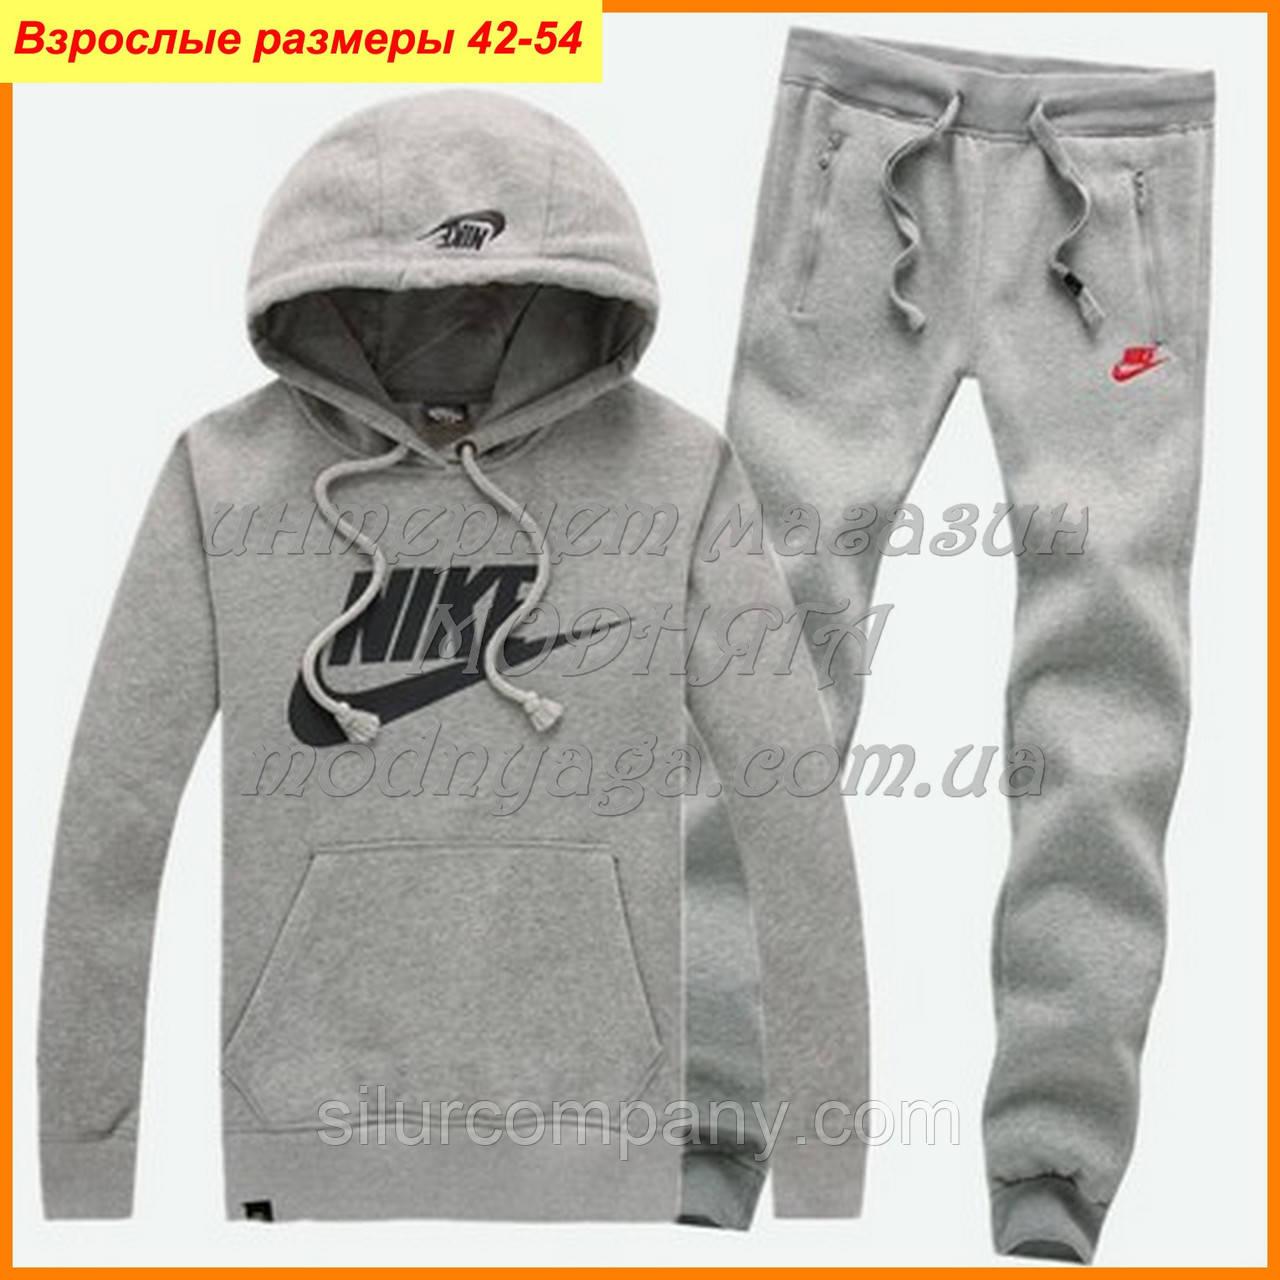 243749c4 Найк костюмы | интернет магазин спортивной одежды - Интернет магазин